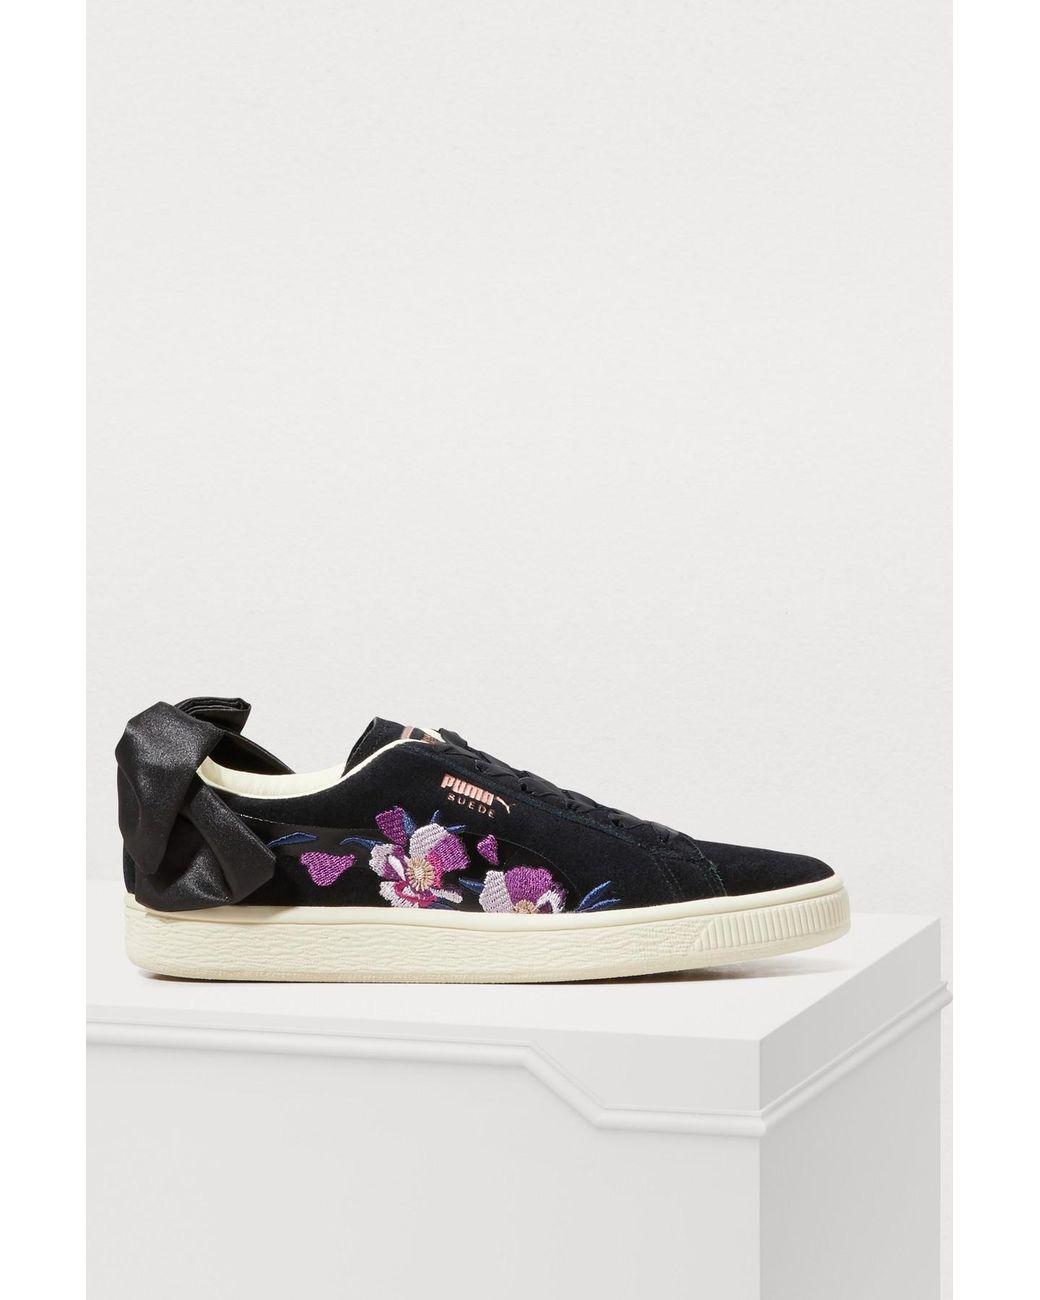 Noir Coloris Baskets Bow De À Femme Fleurs wOPXiTZku